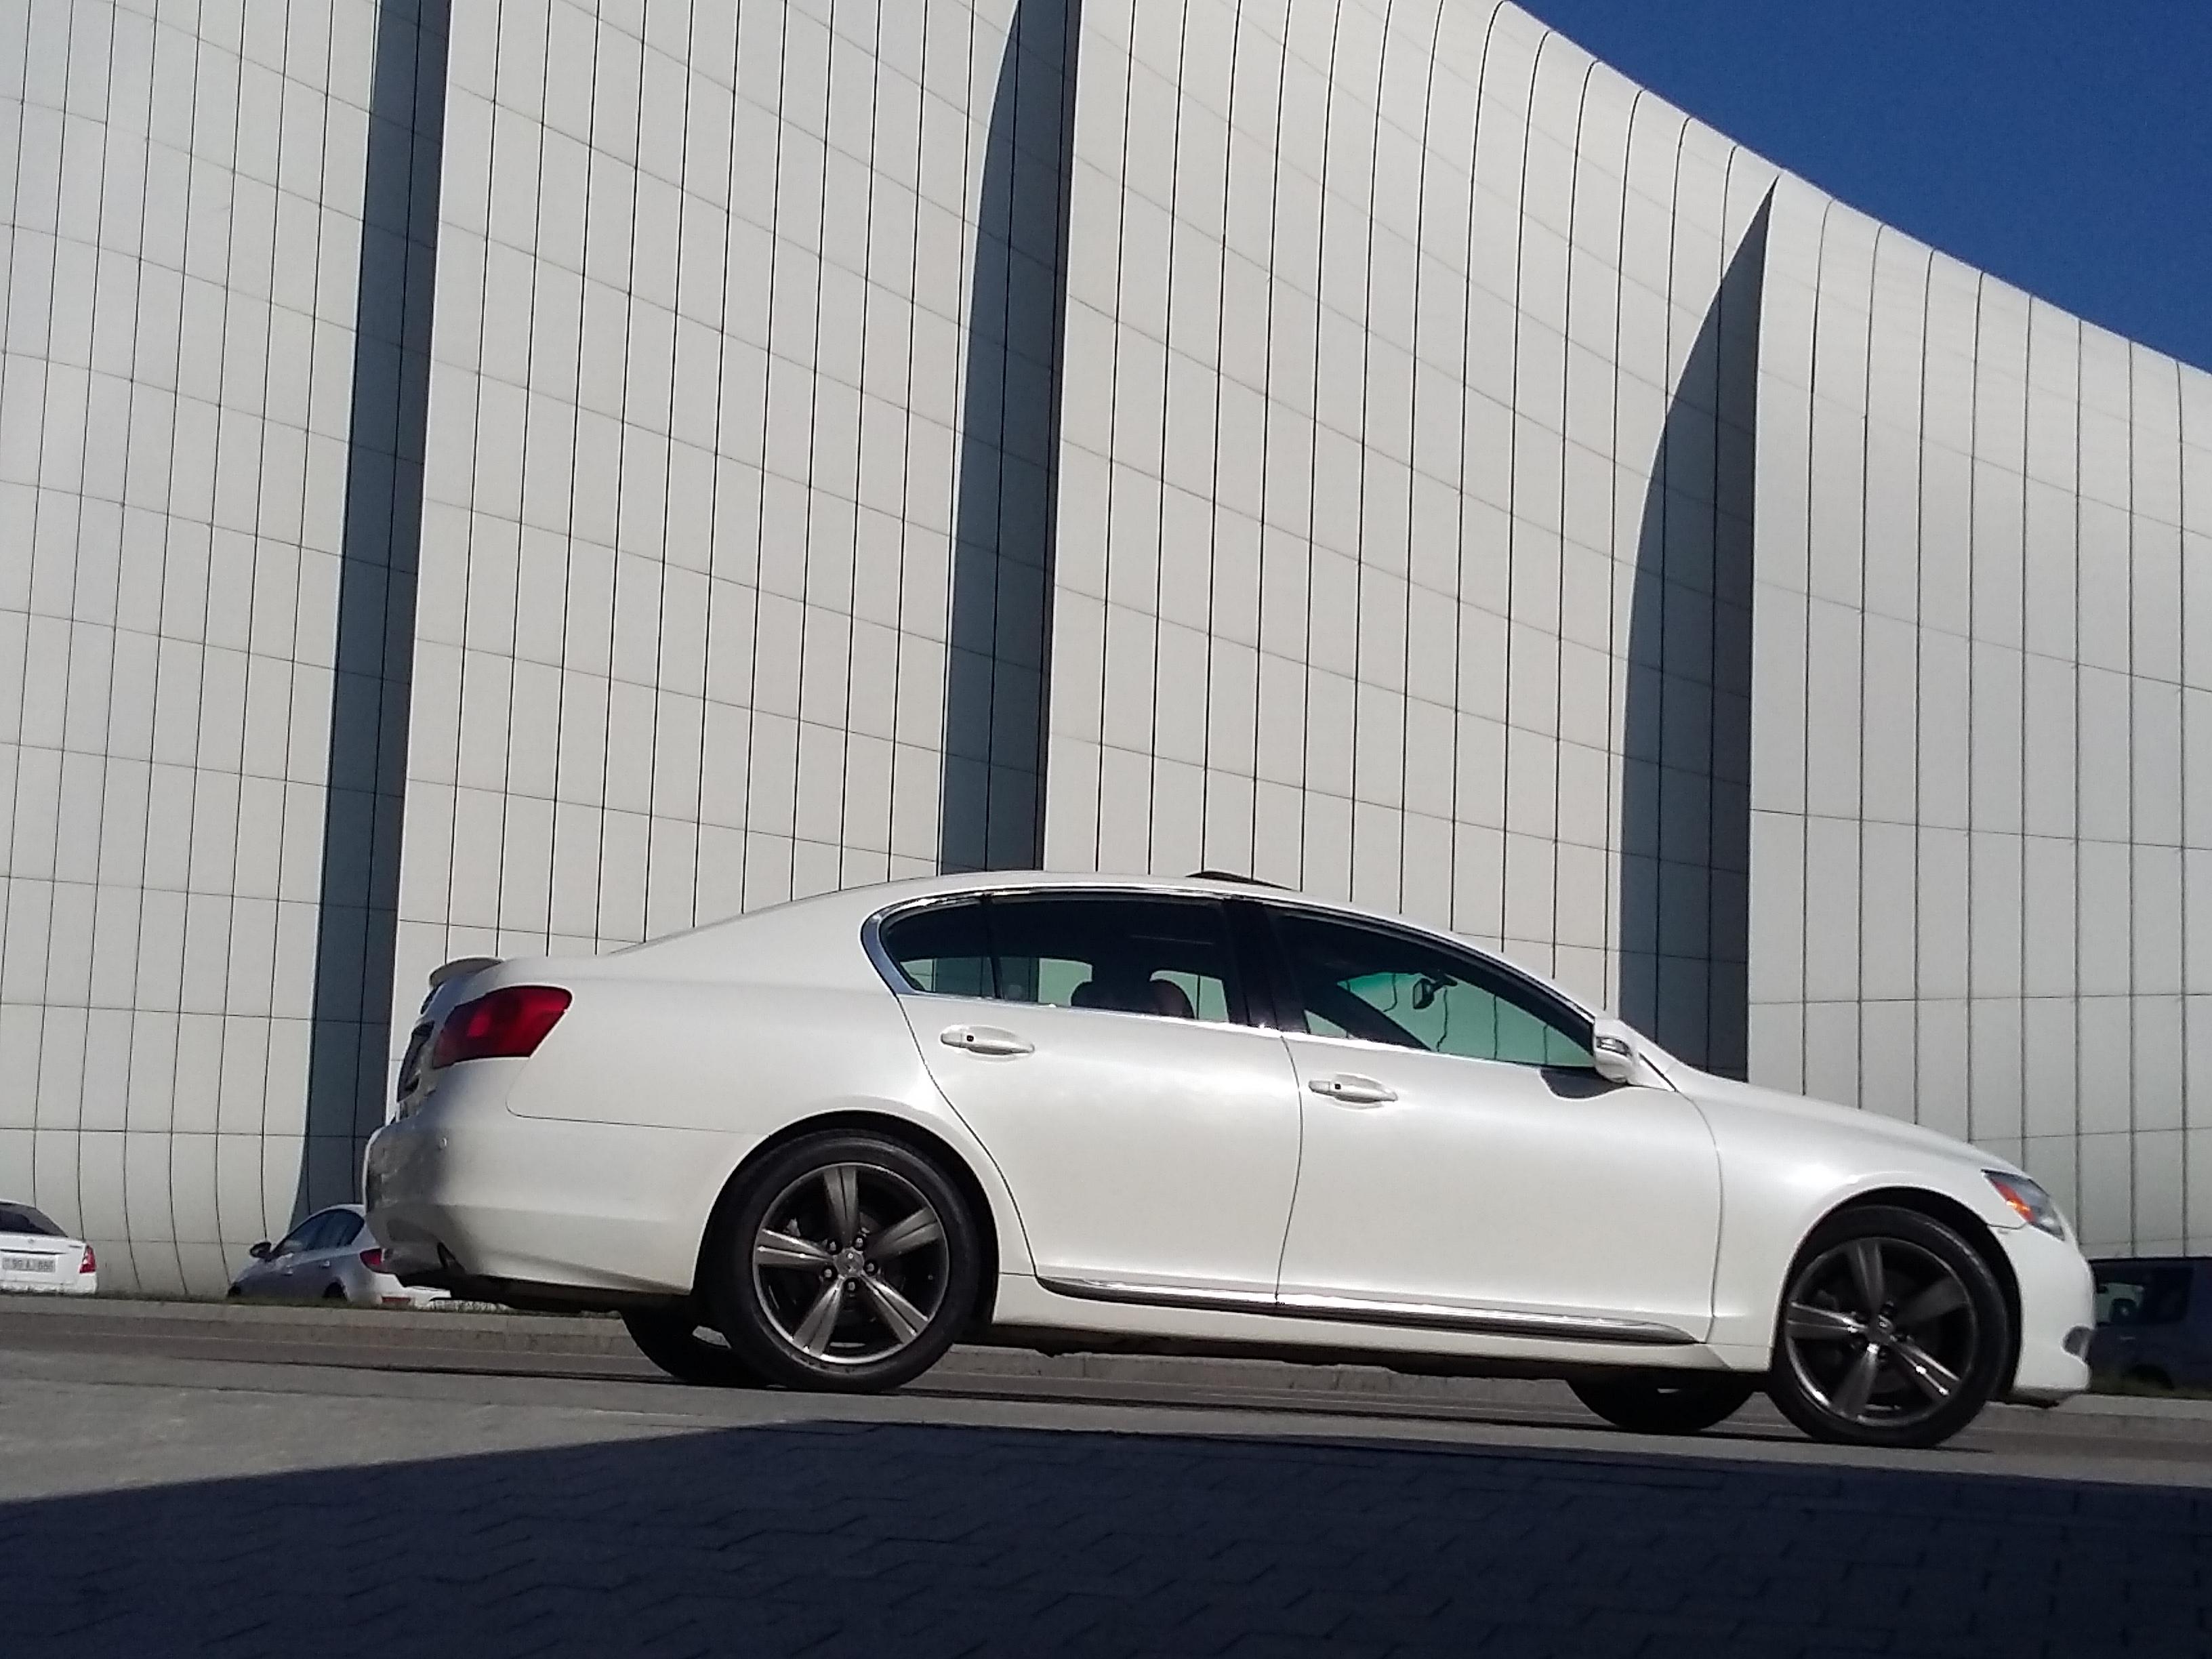 Lexus GS 300 3.0(lt) 2009 İkinci əl  $14700